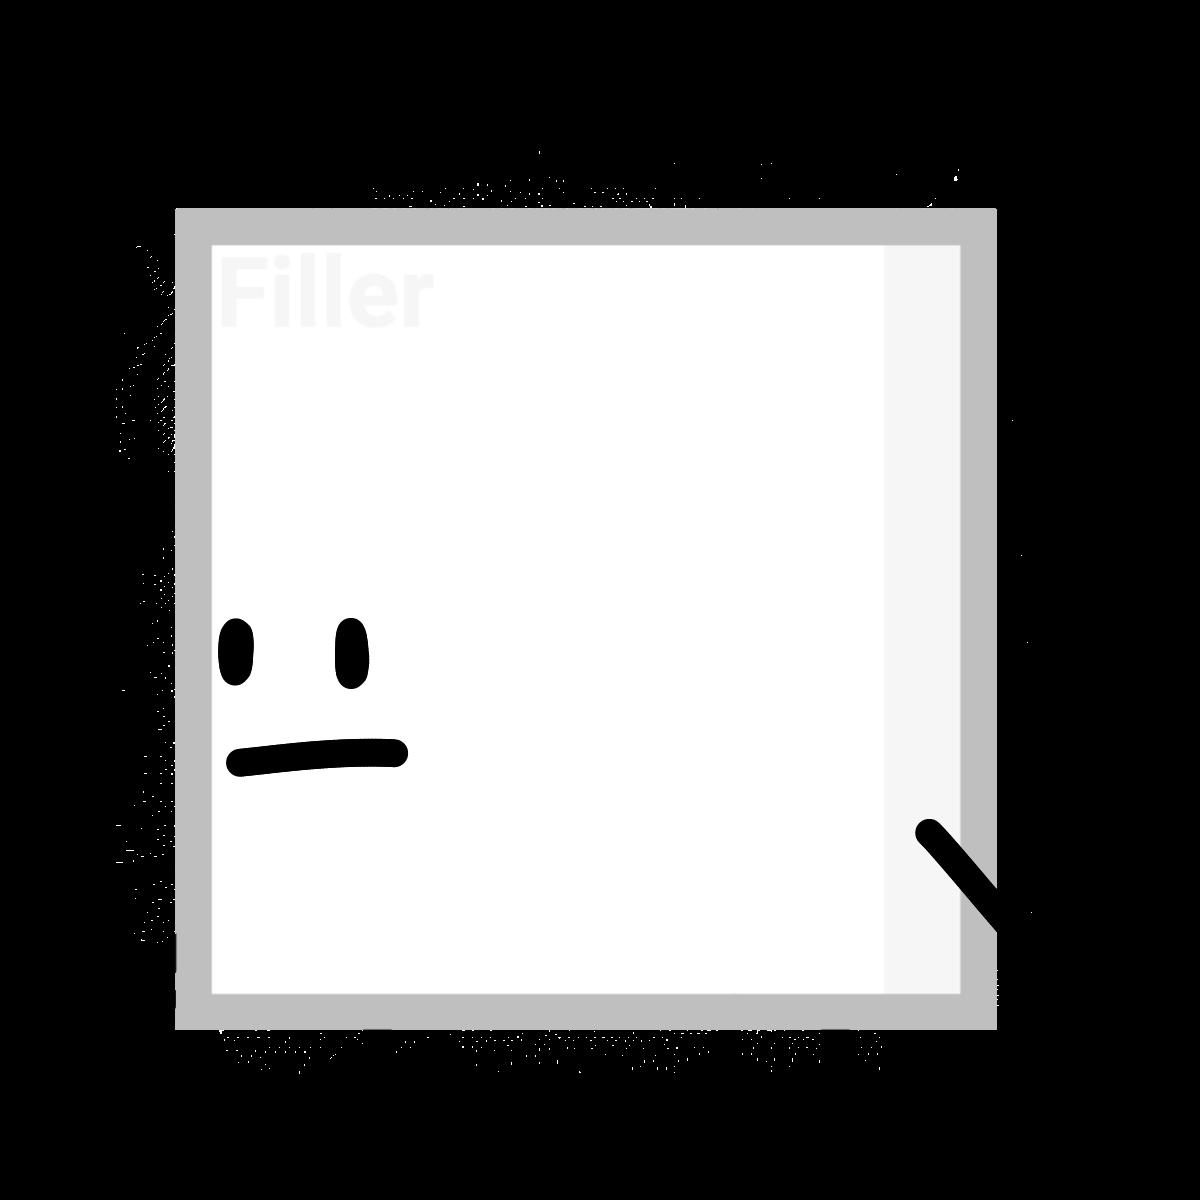 Filler (Object Object)